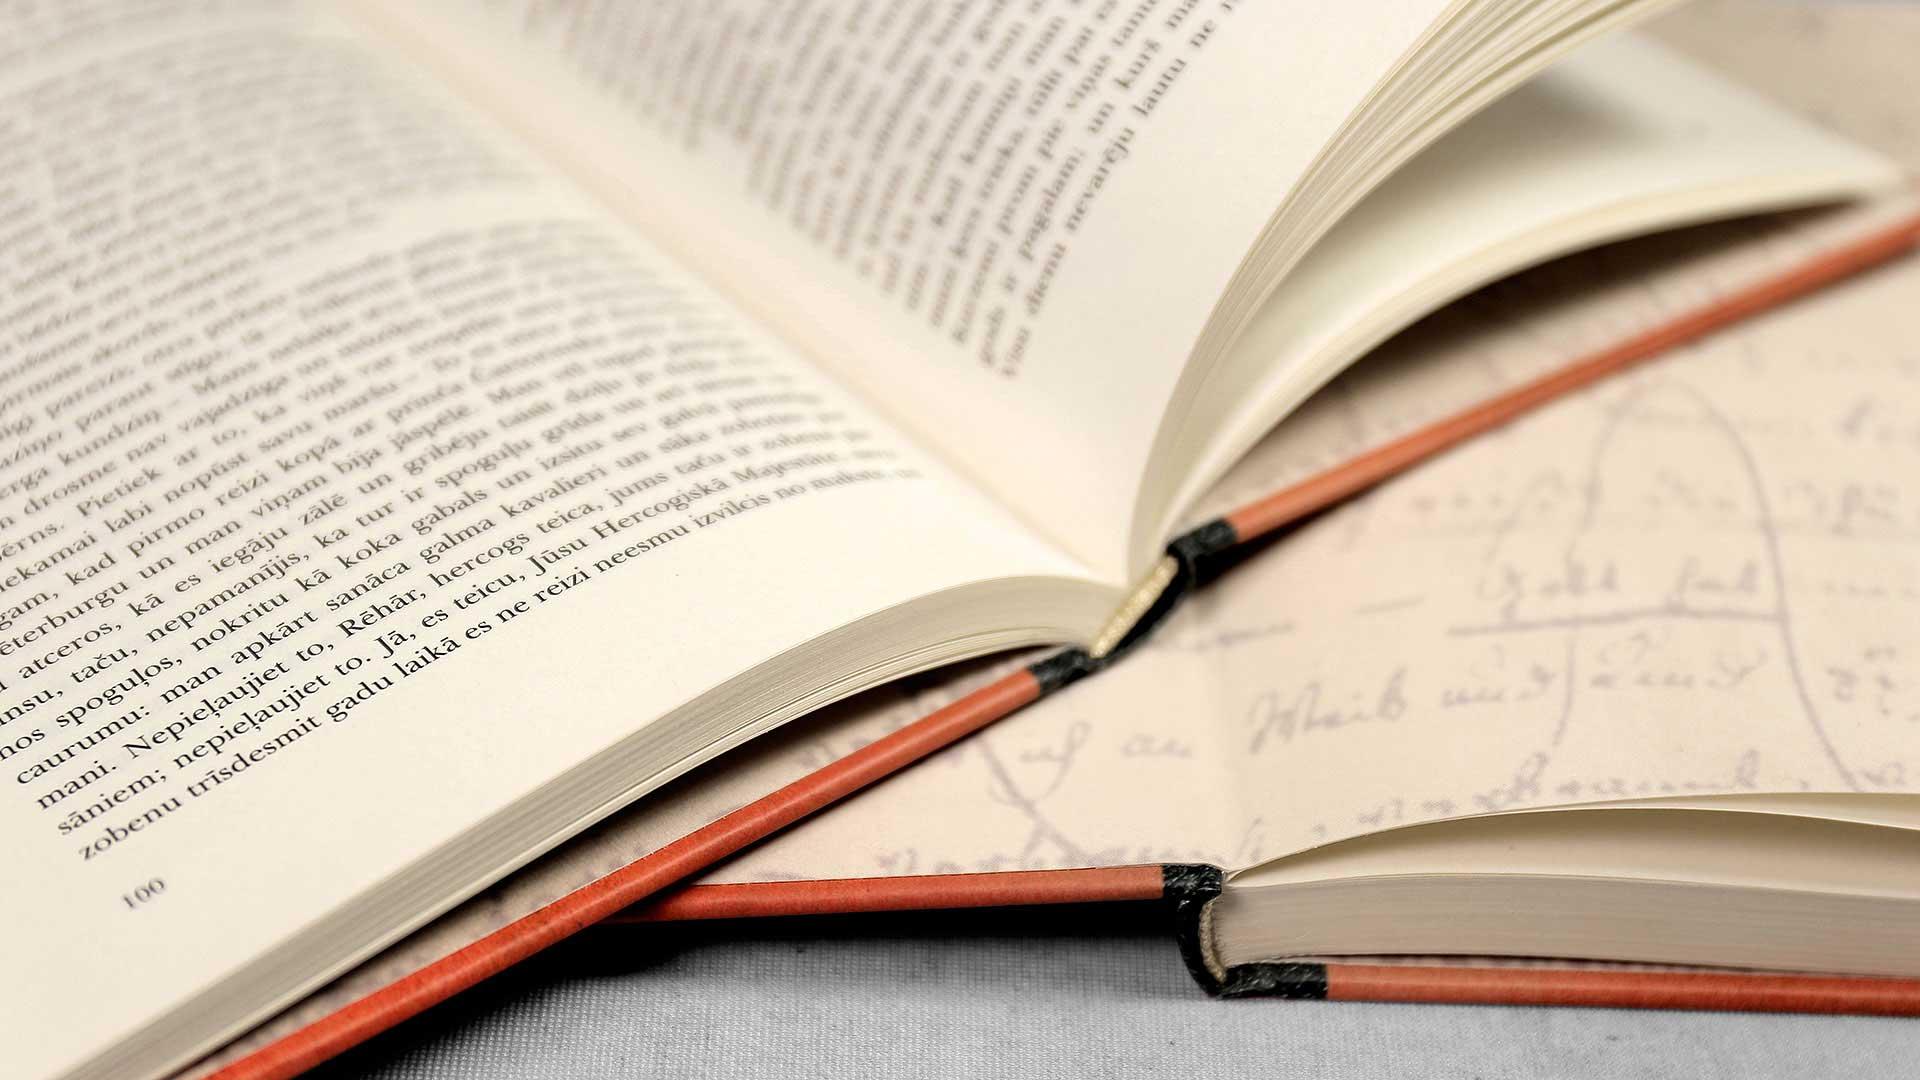 Grāmatu iesiešana, grāmatas atvērums